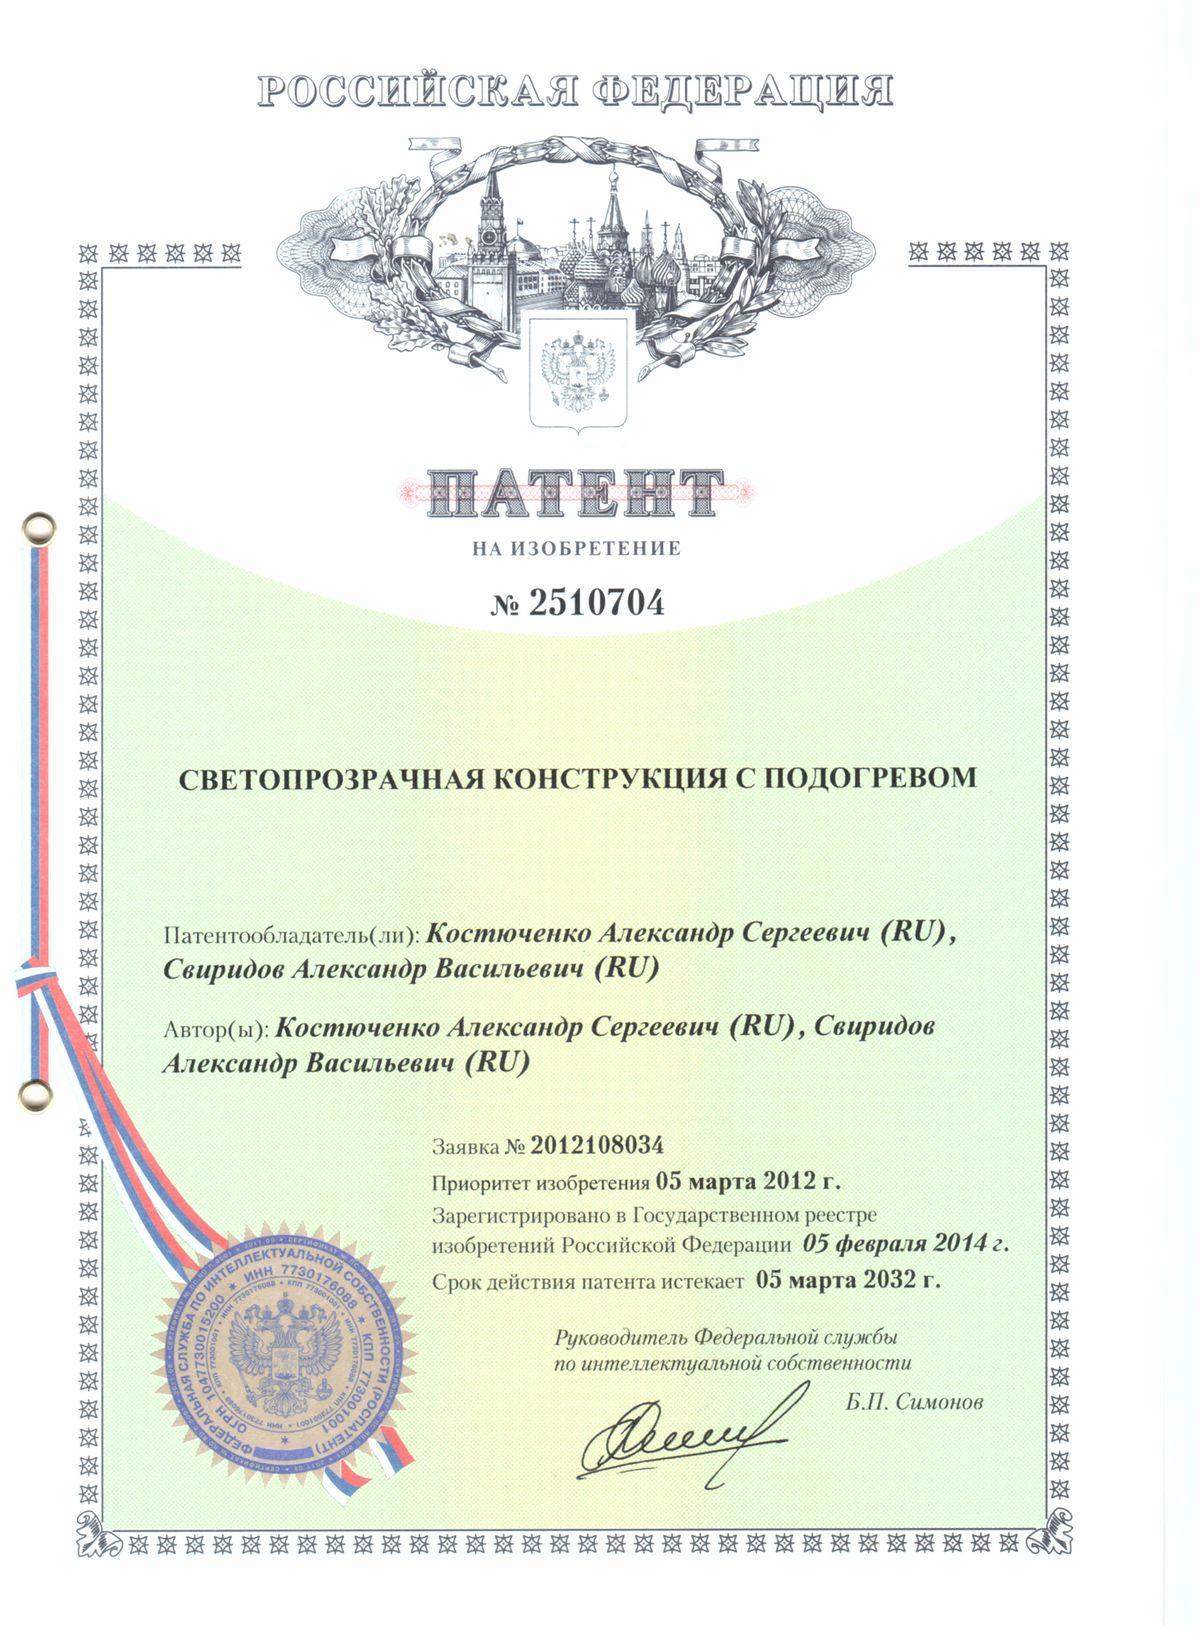 Патент на обогреватели ПИОН